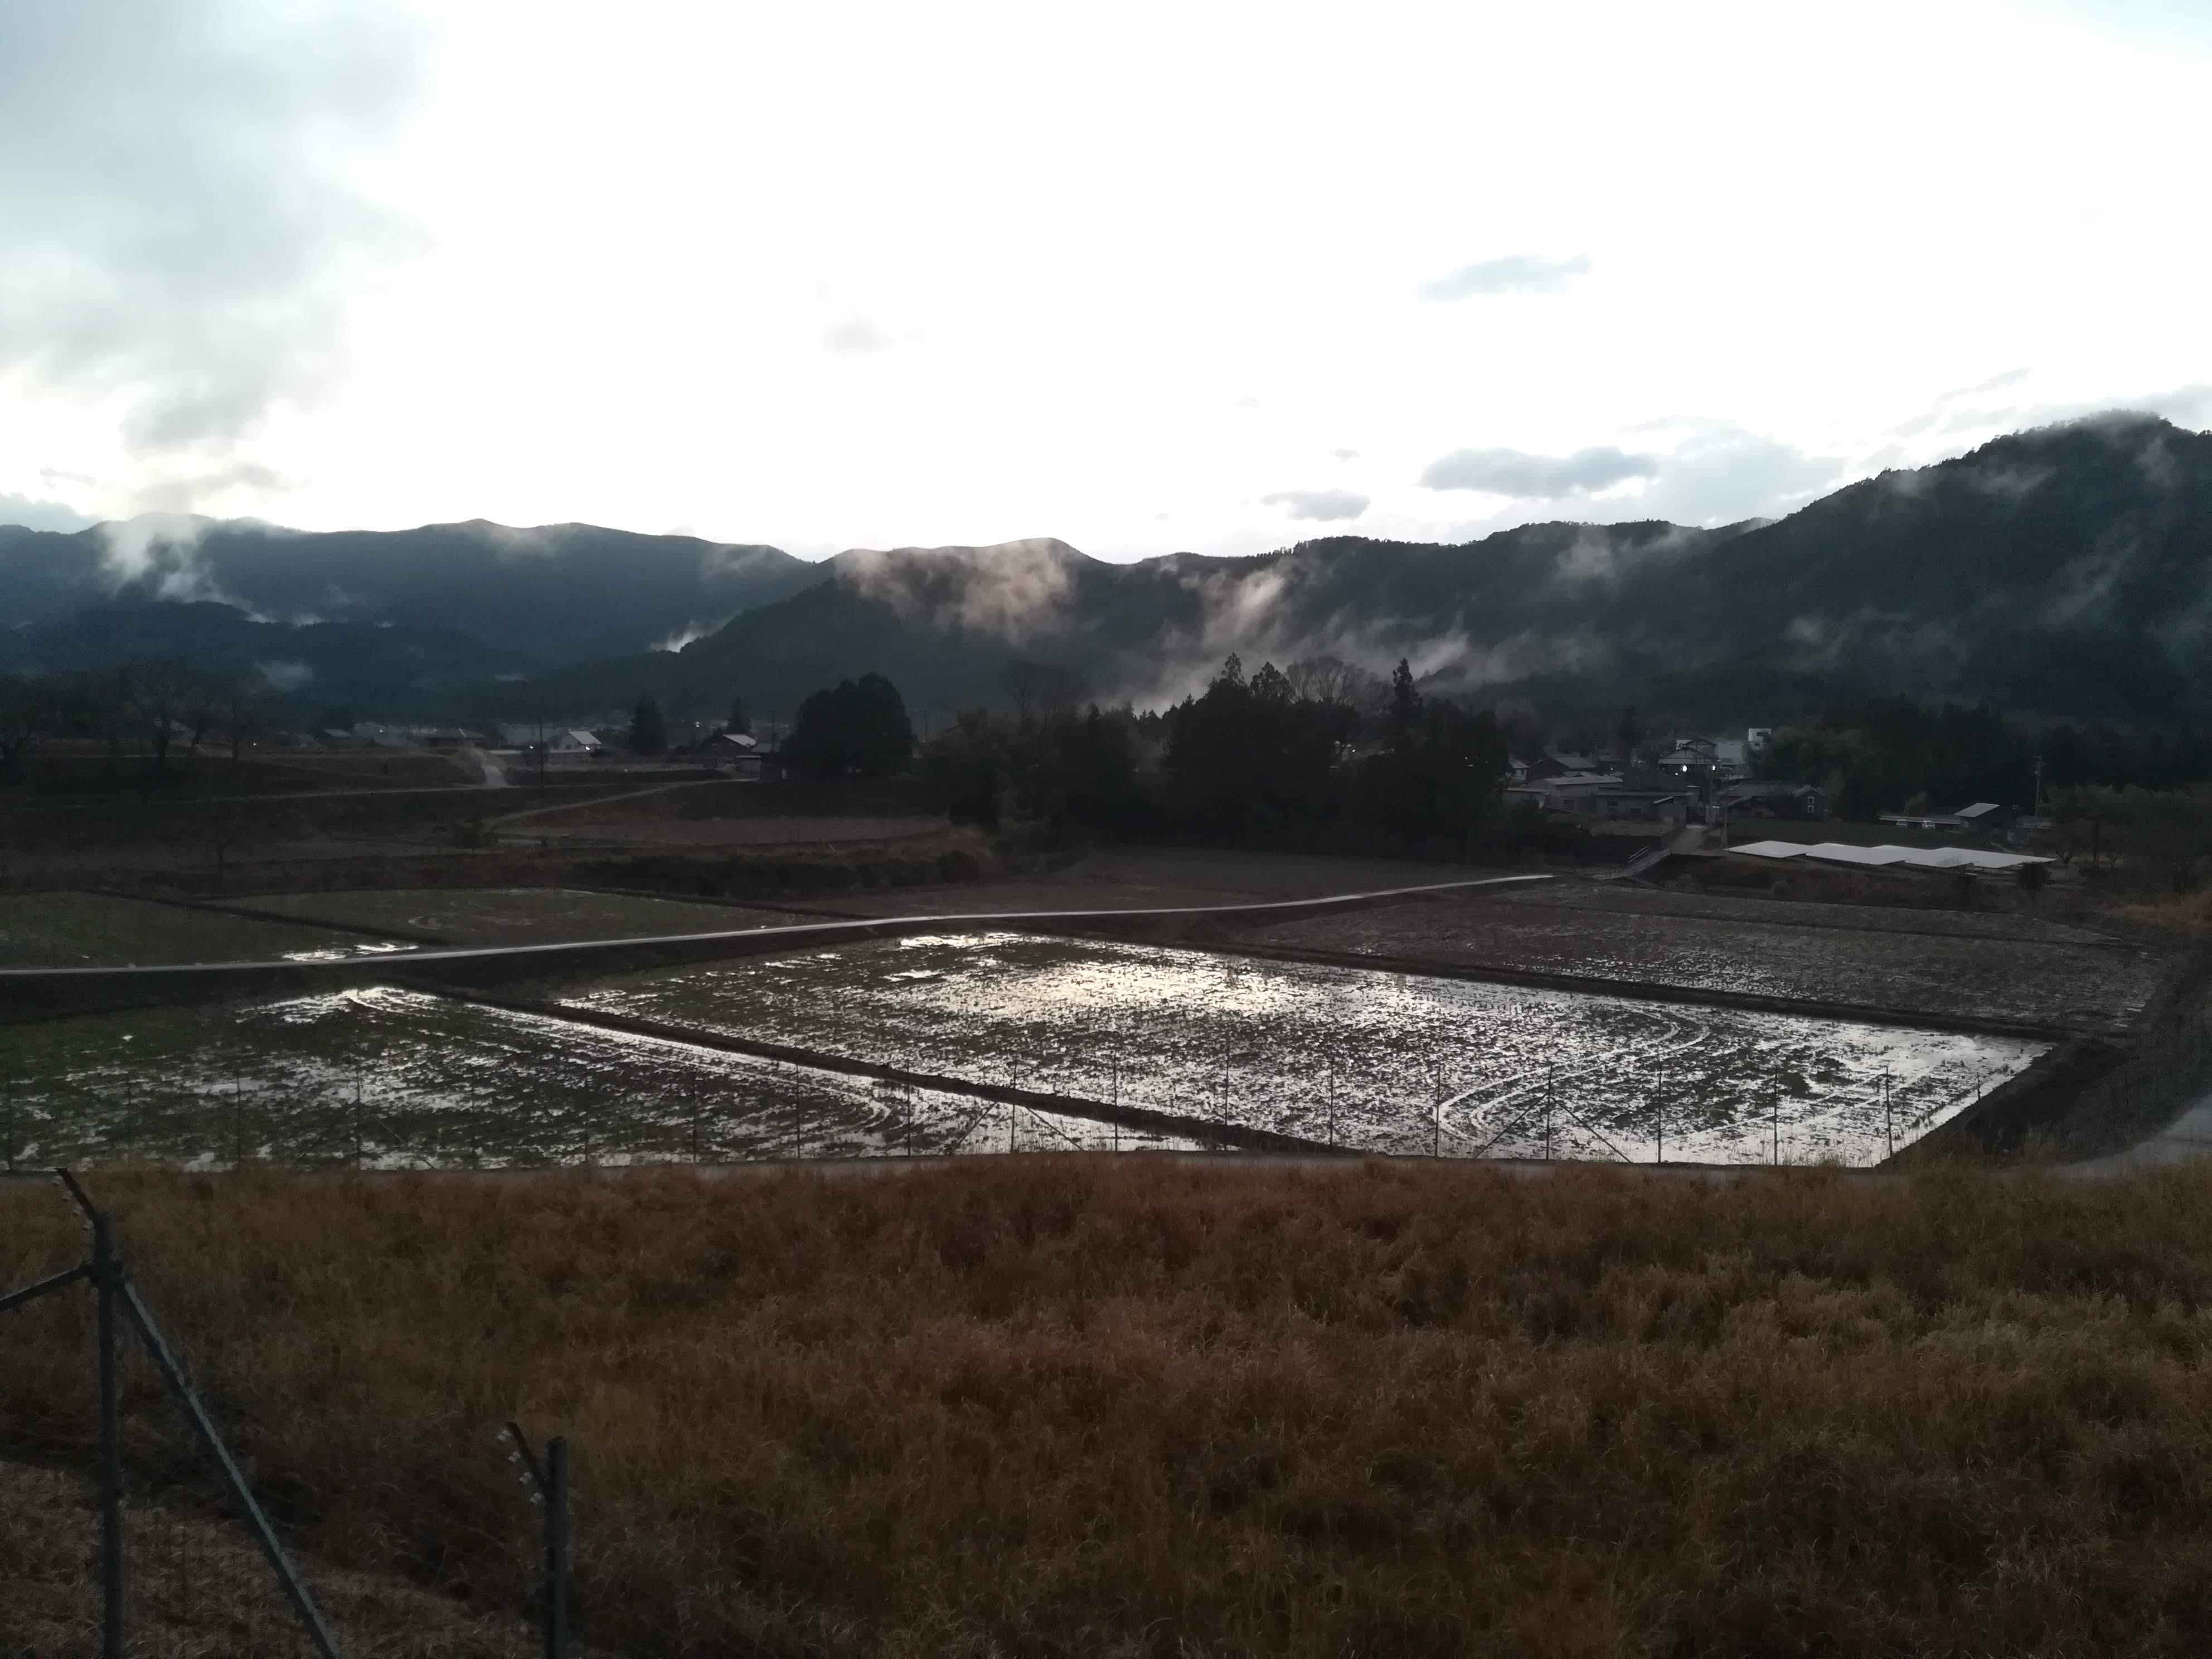 滝原地区の冬の景色